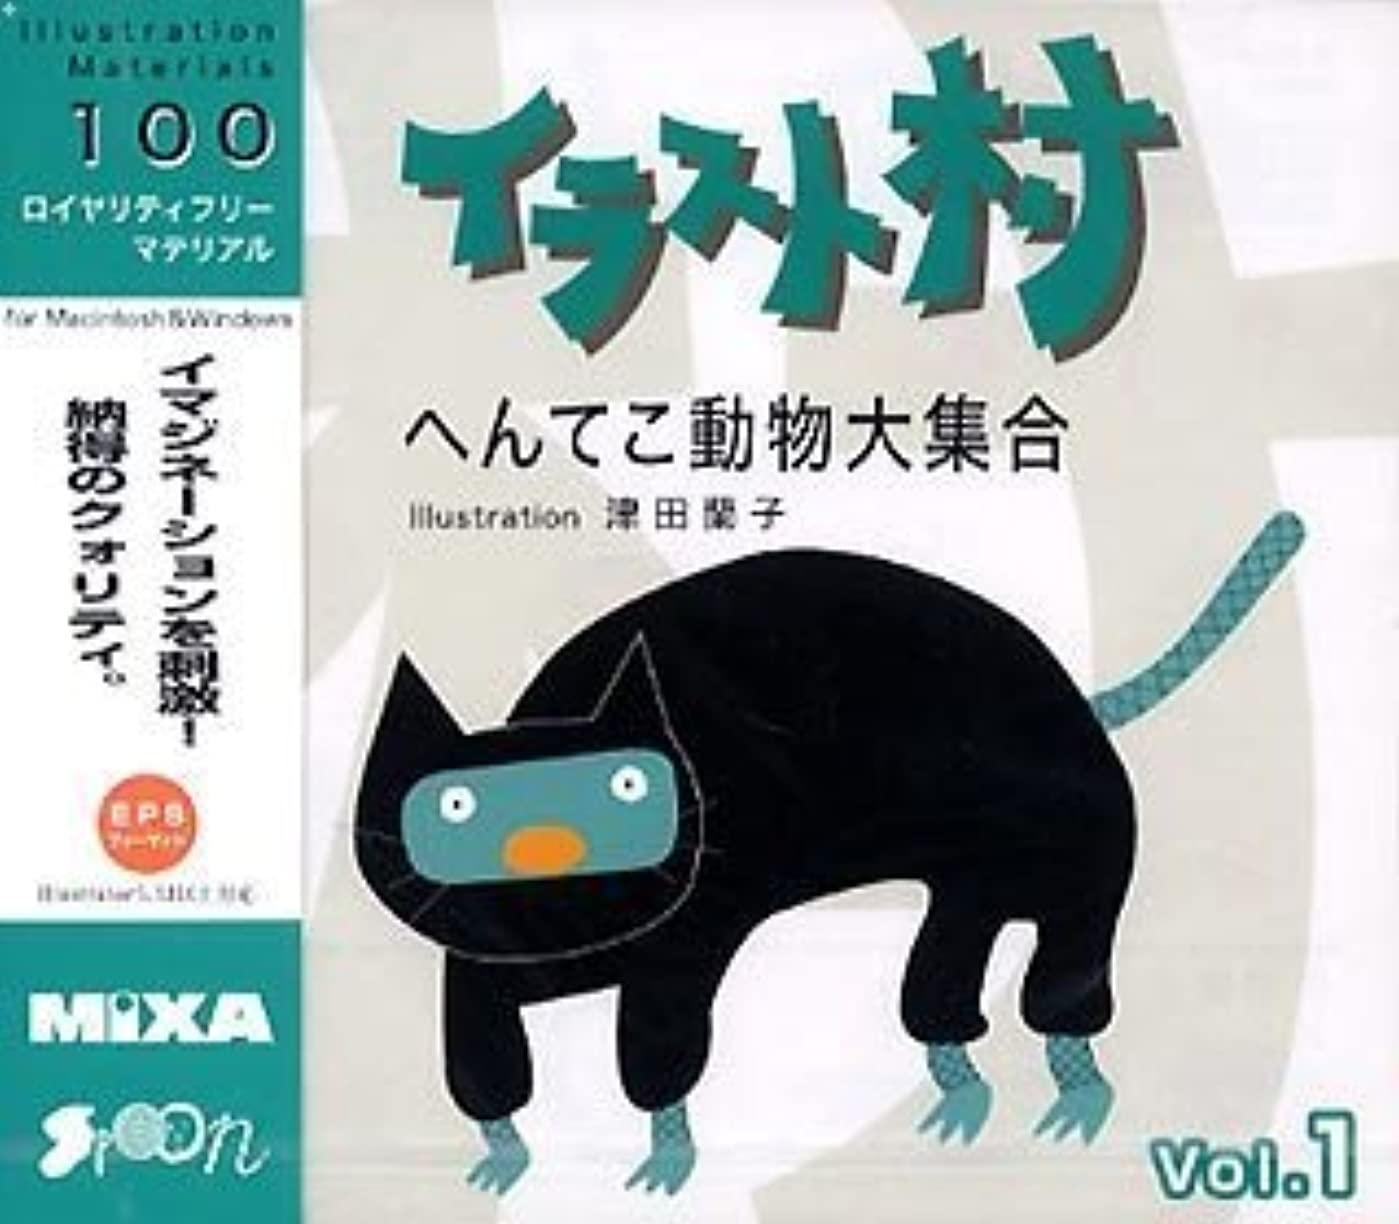 安定したトランクライブラリ溝イラスト村 Vol.1 へんてこ動物大集合